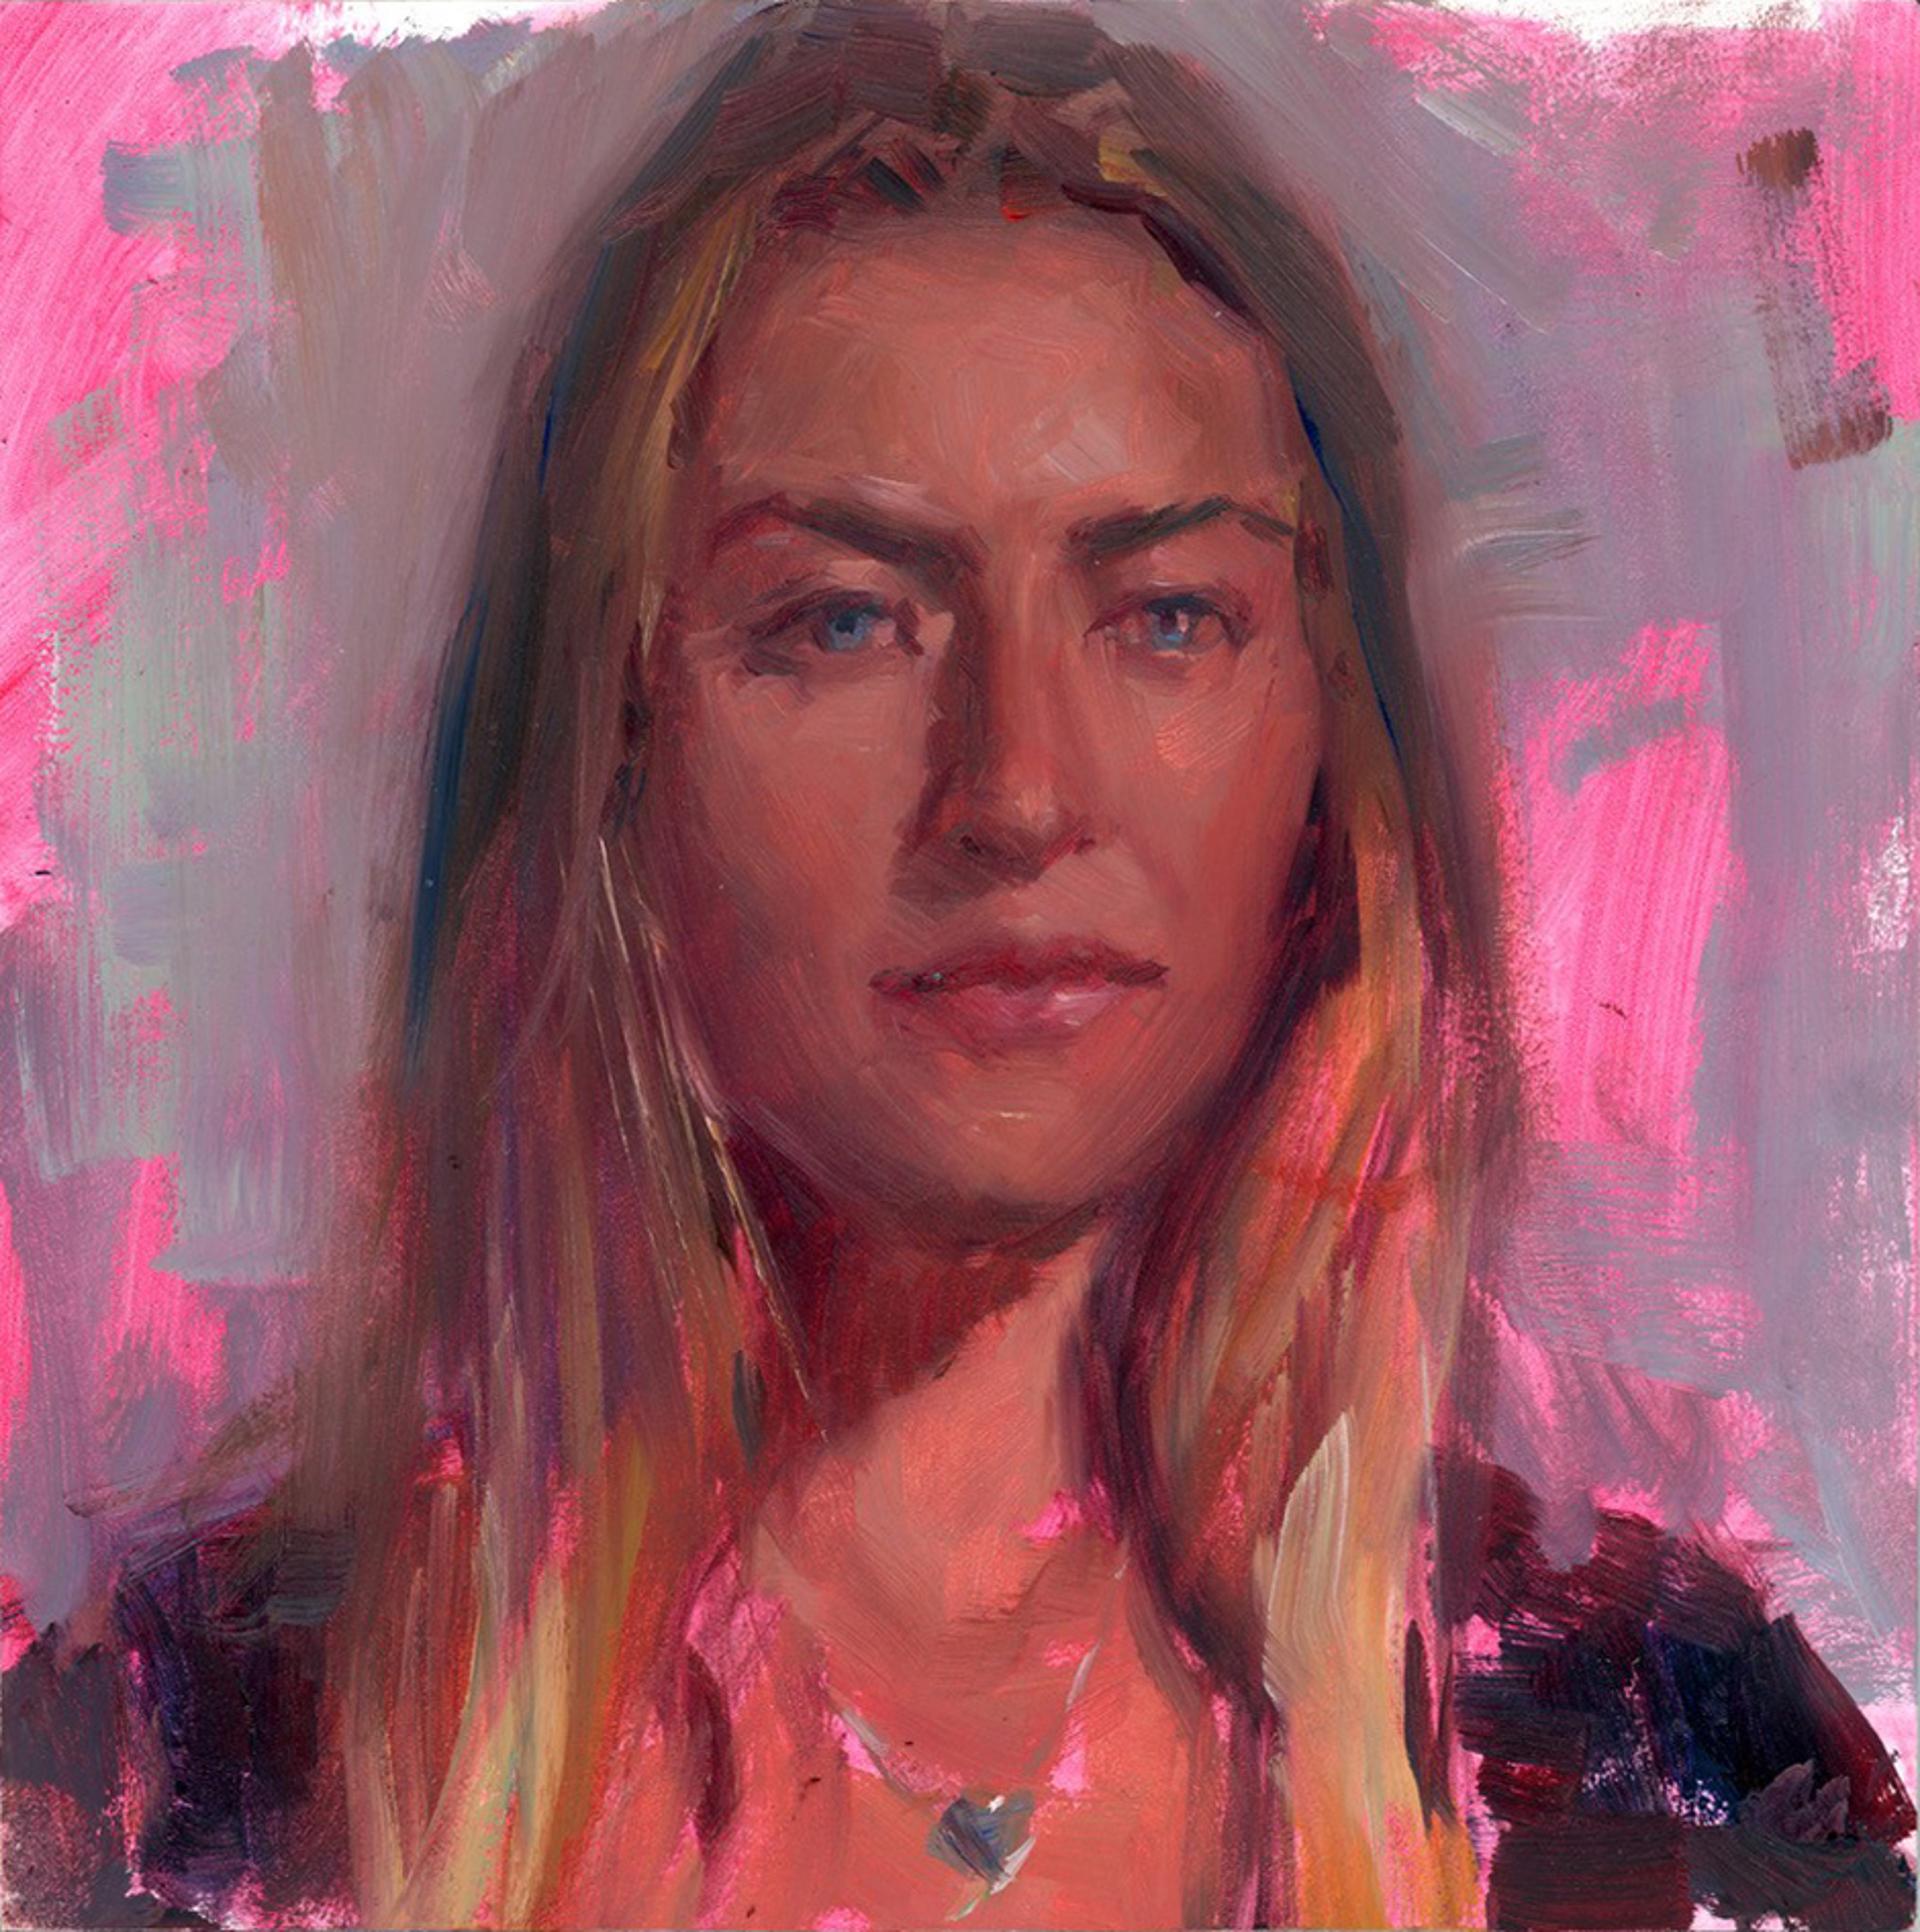 Camlyn by Natalia Fabia